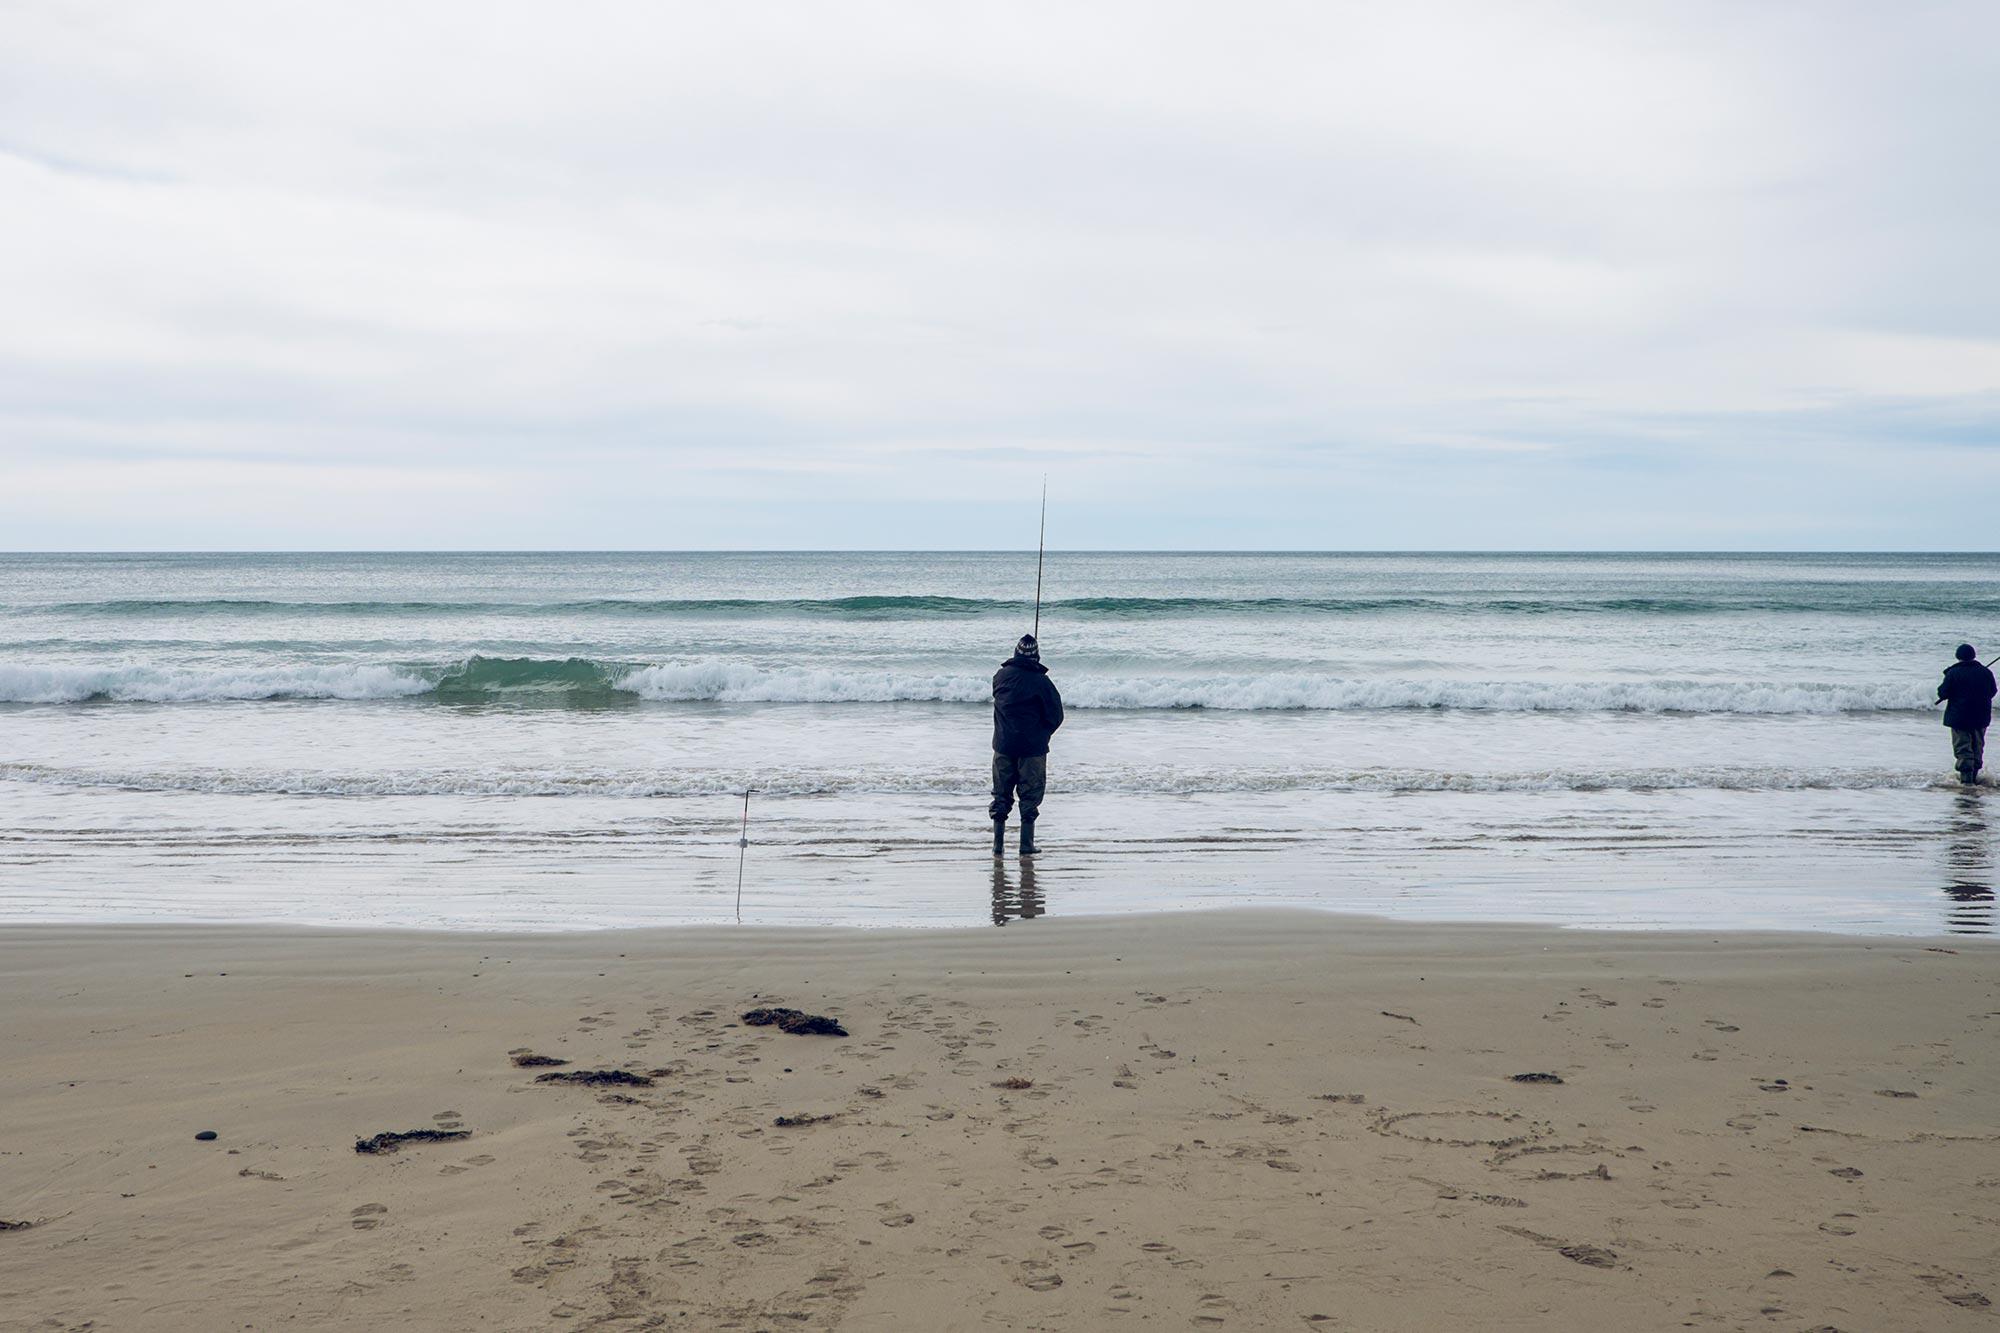 australia-melbourne-great-ocean-road-lorne-queenscliff-costal-reserve2